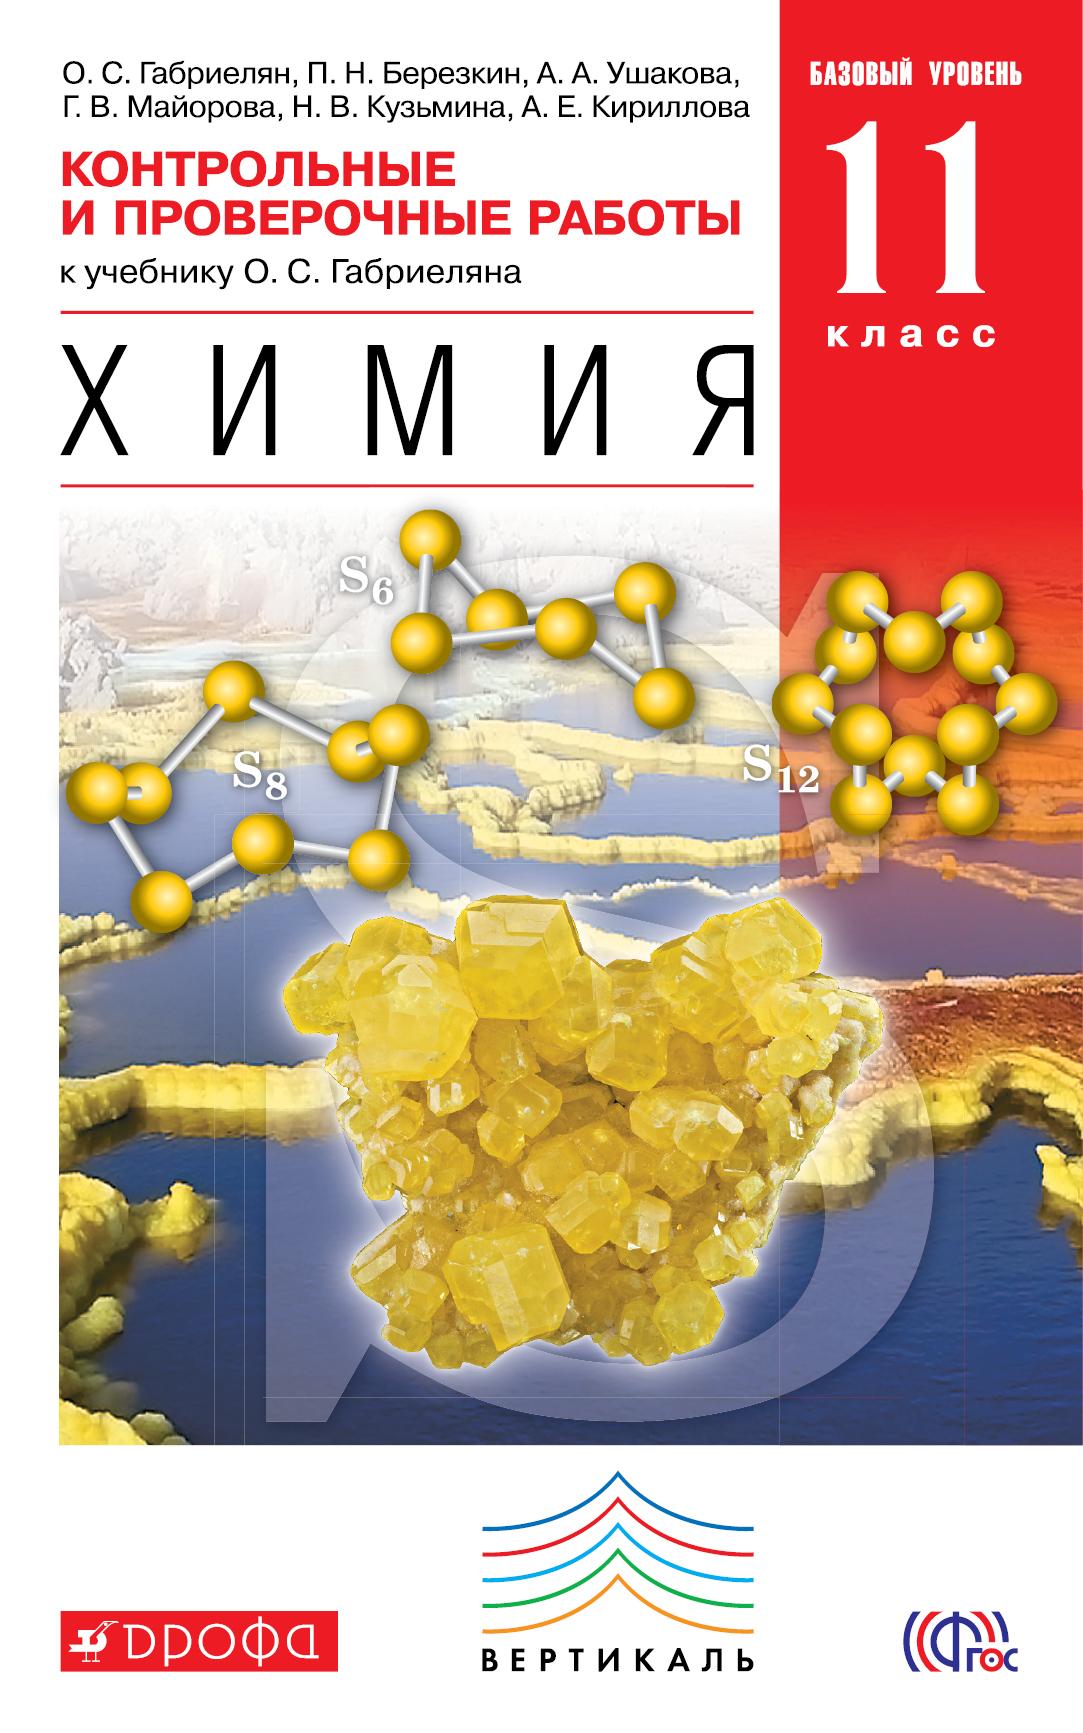 Химия 11кл [Контр.и пров.раб.] баз.ур Вертикаль